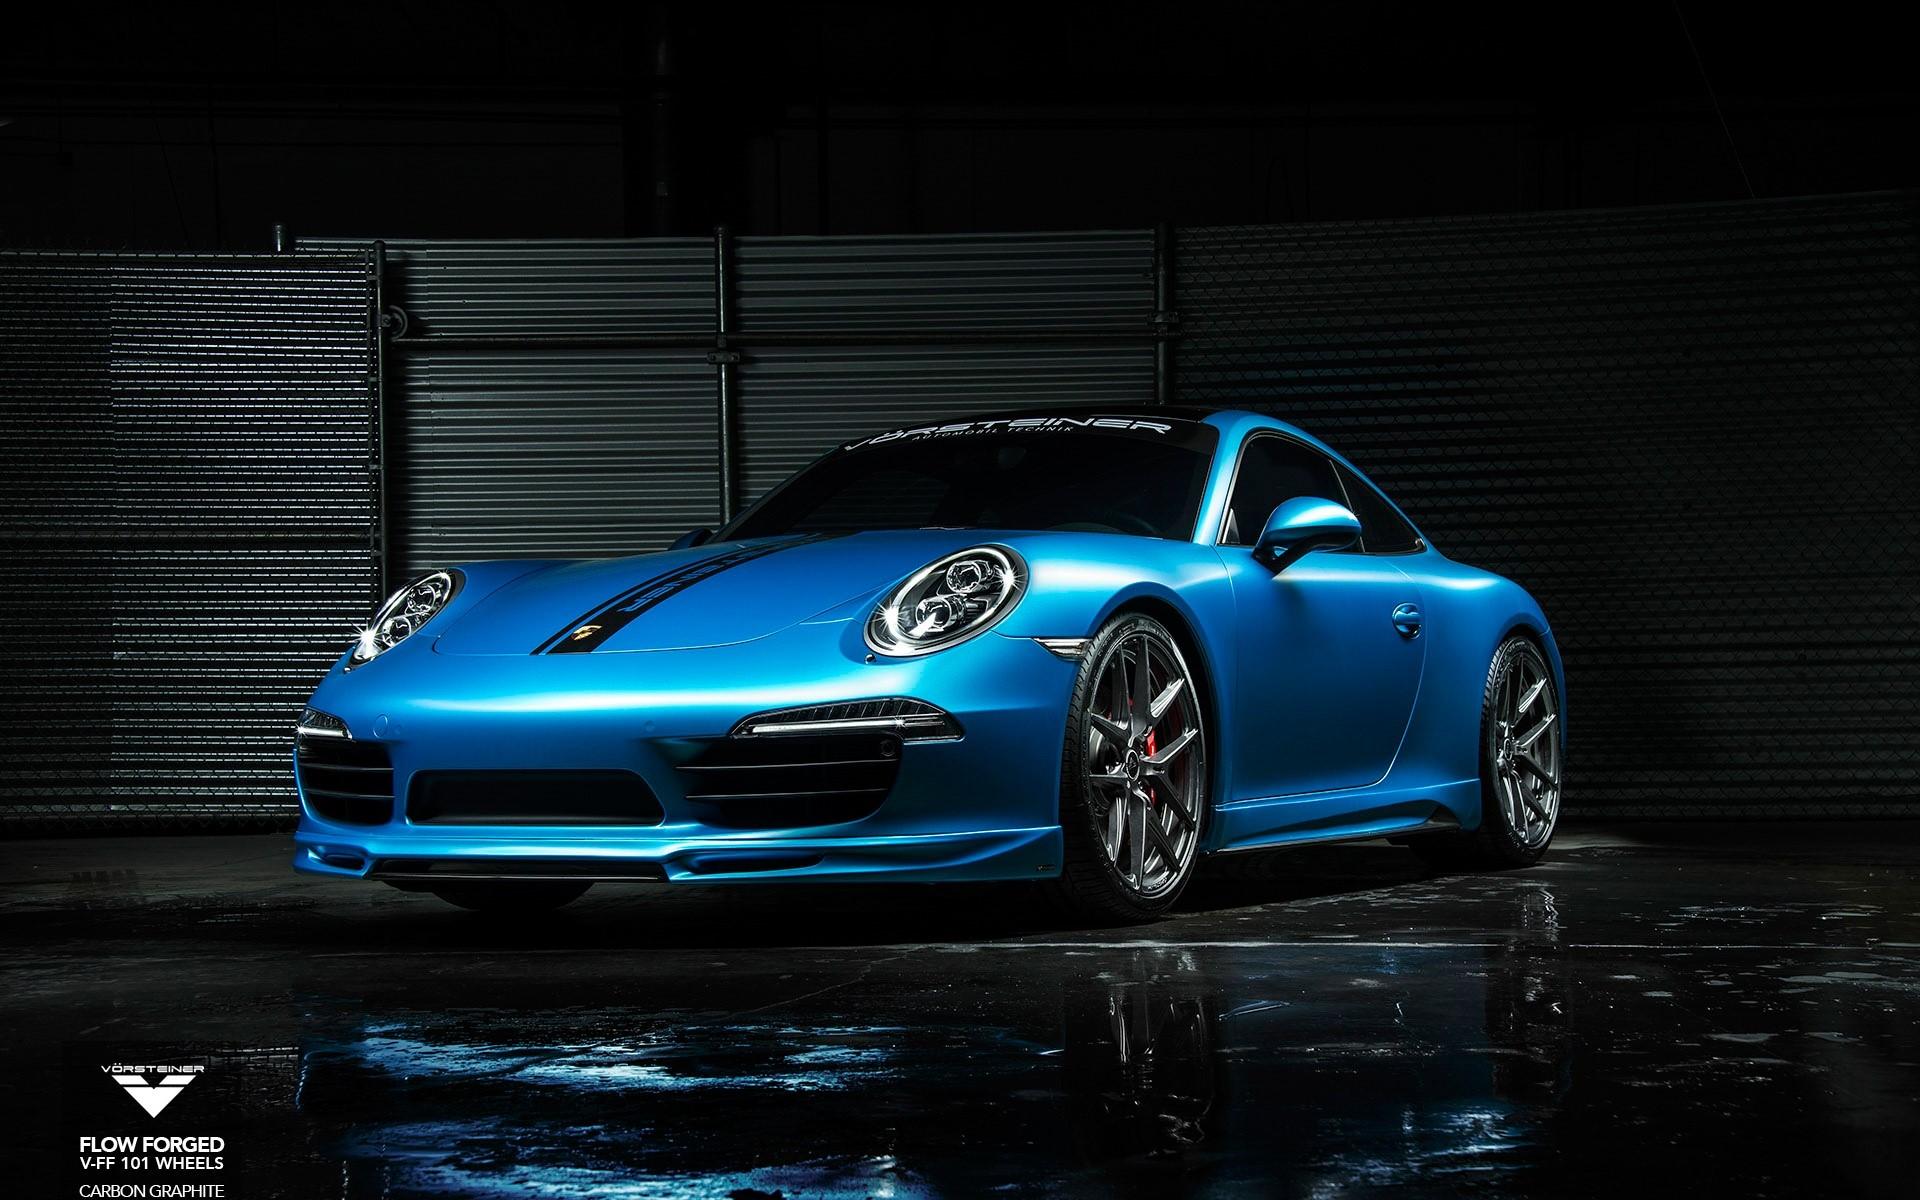 Wallpaper Vorsteiner Porsche 911 Images